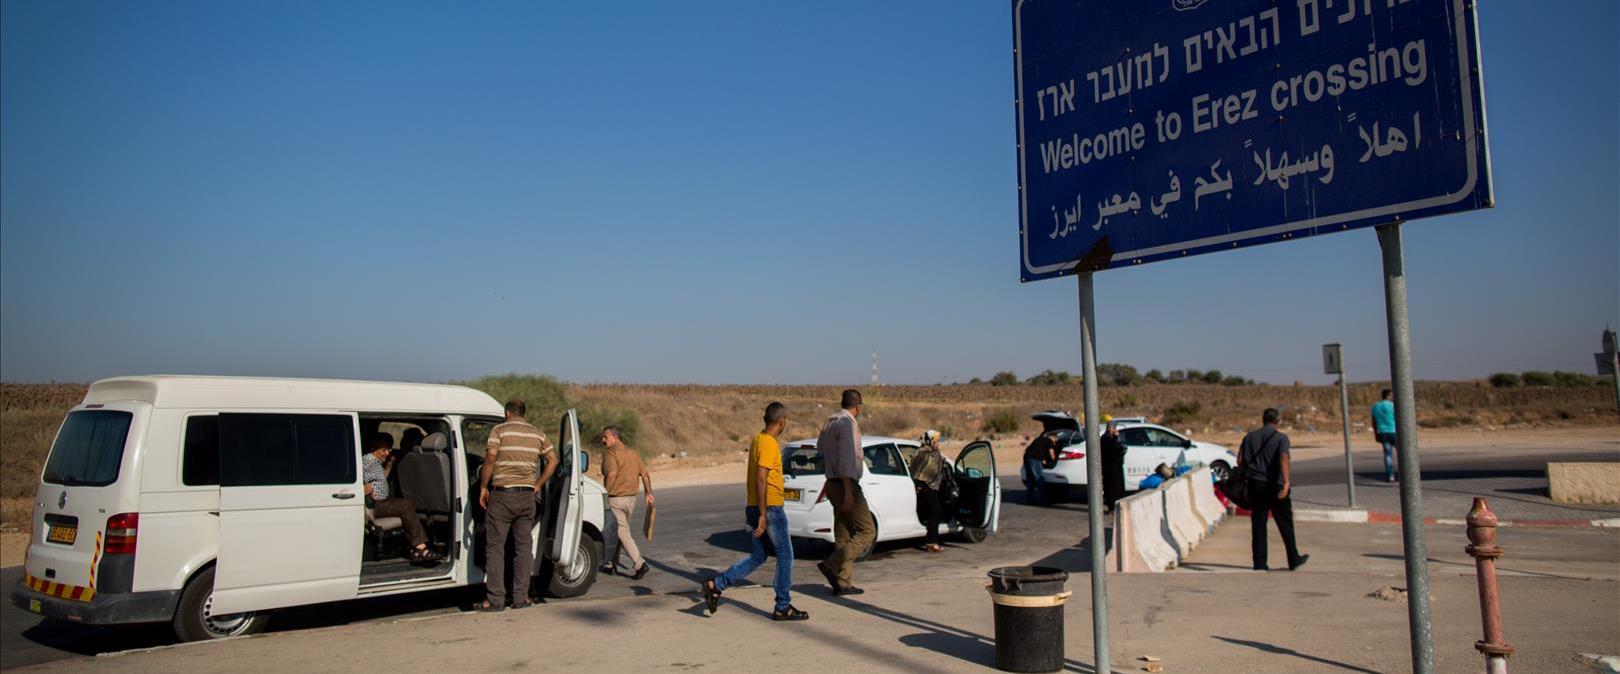 פלסטינים מעזה נכנסים לישראל דרך מעבר ארז, ב-2015